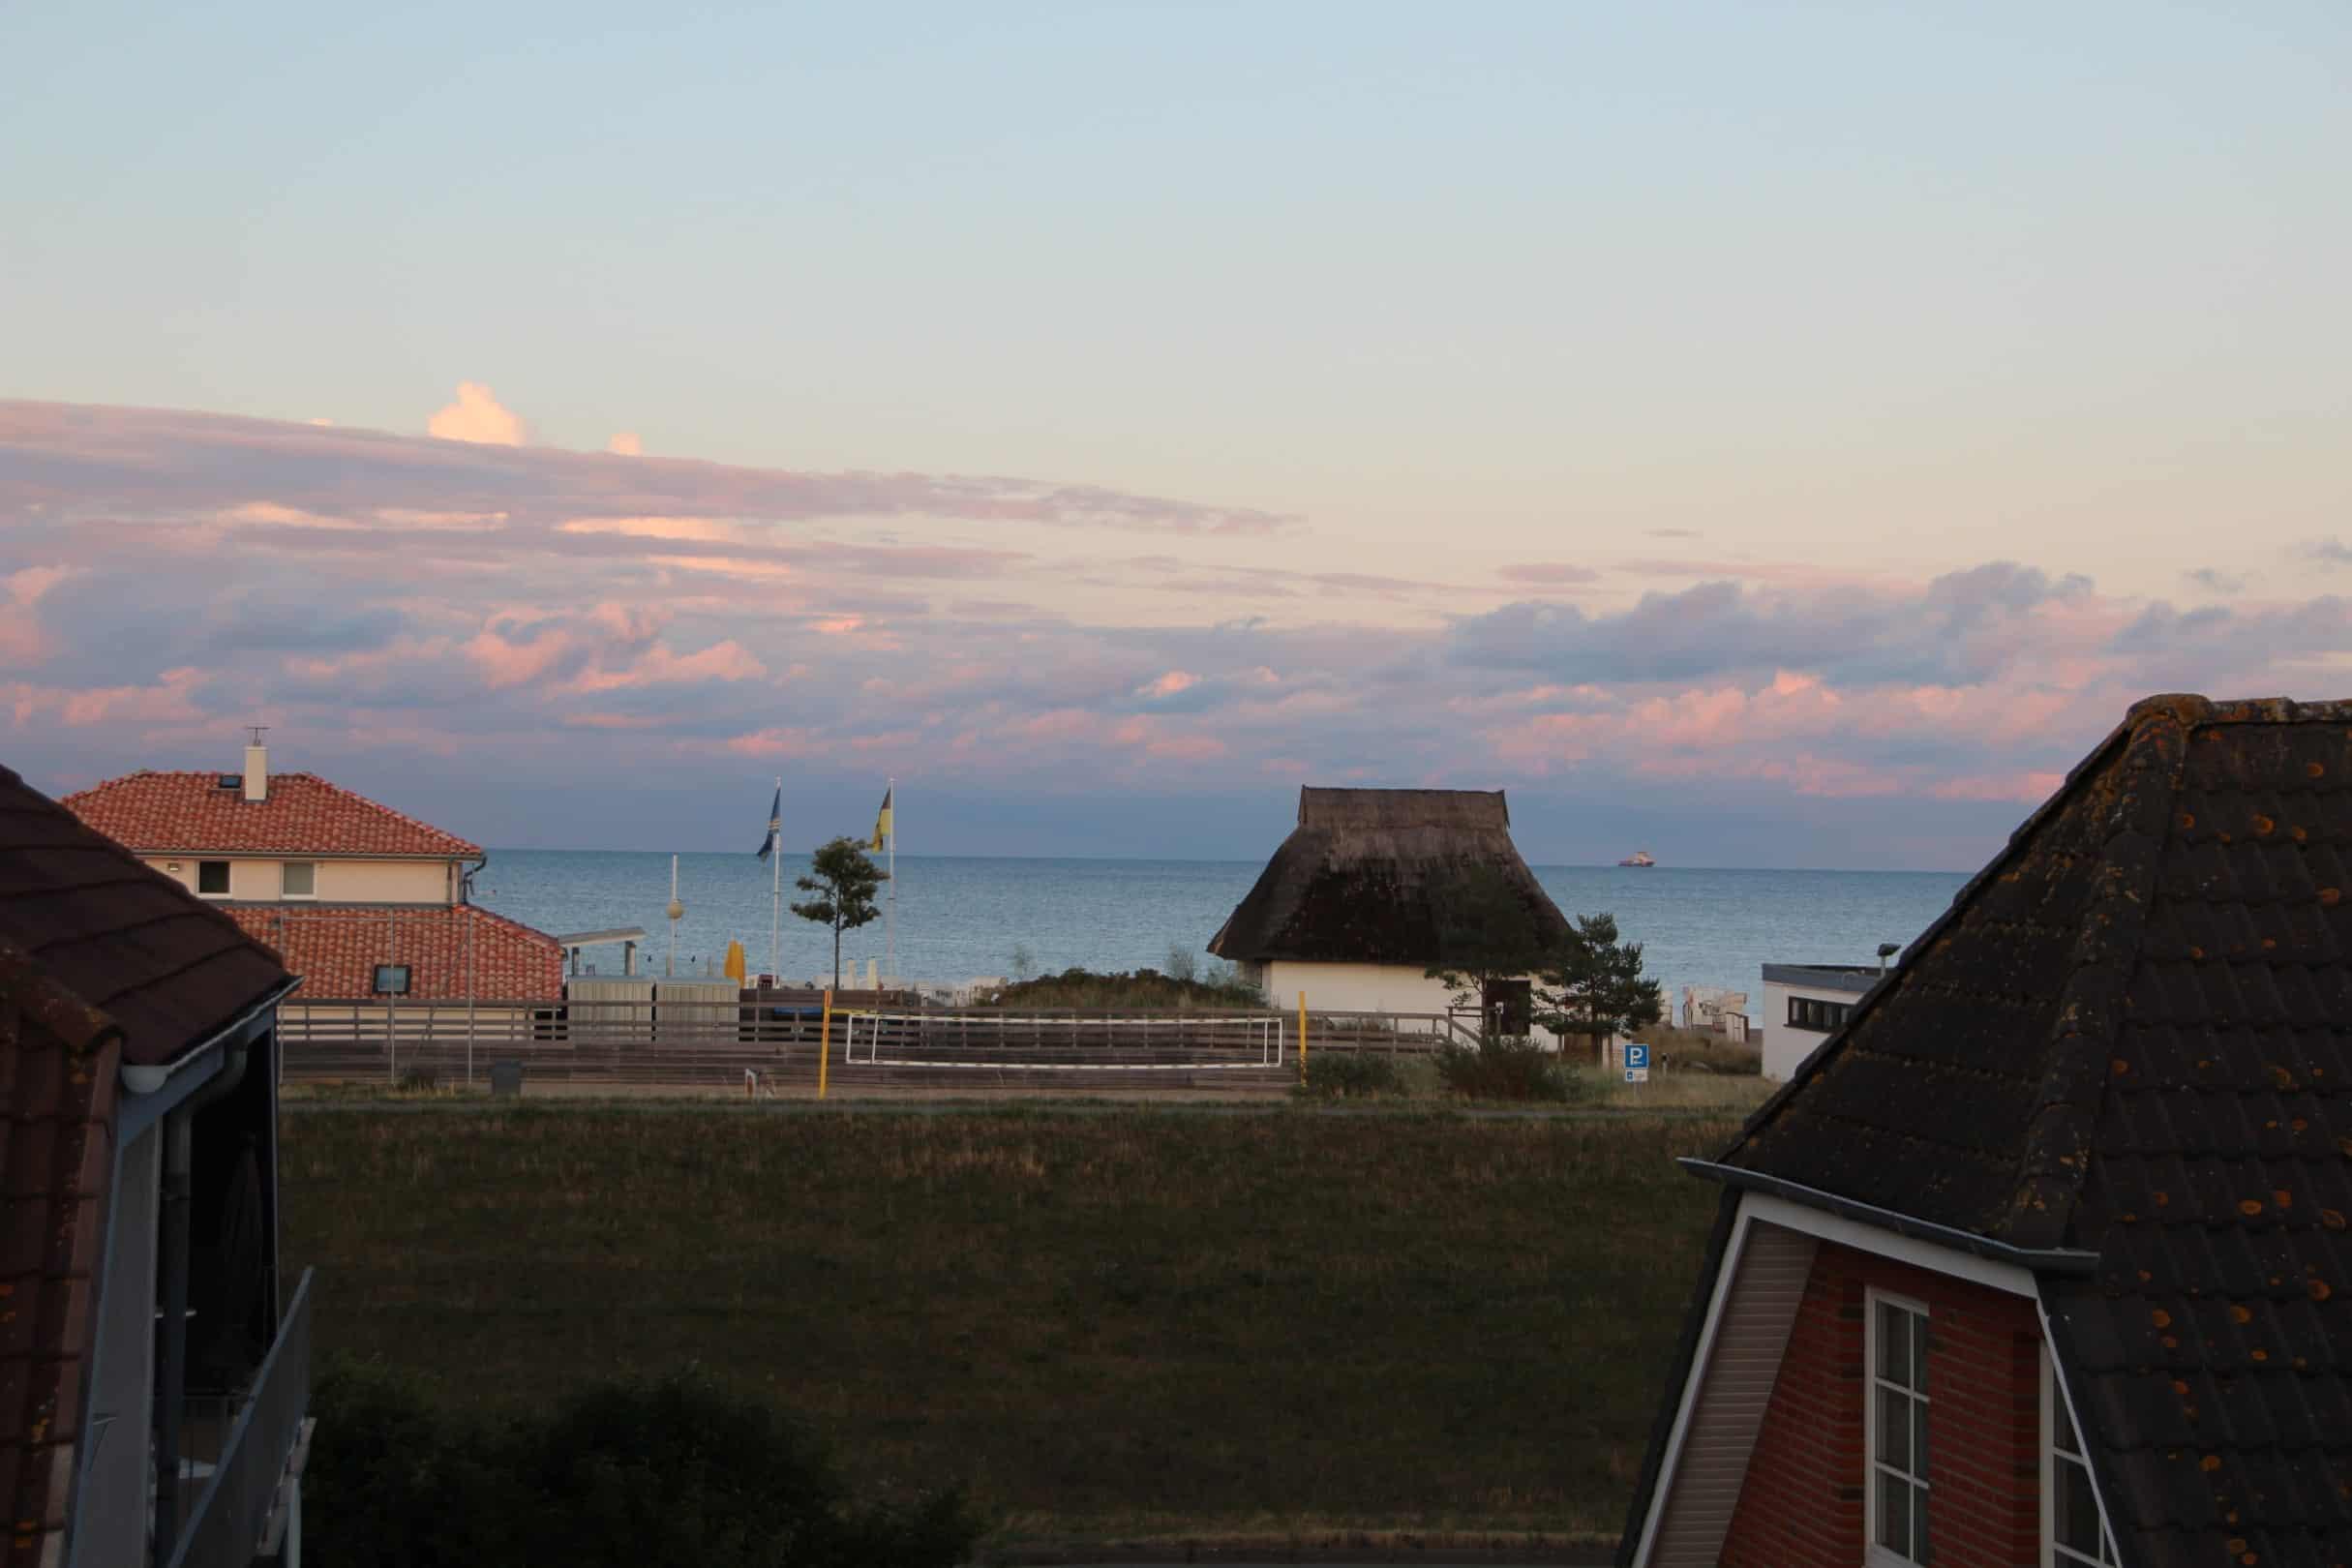 Meerblick mit Reetdachhaus